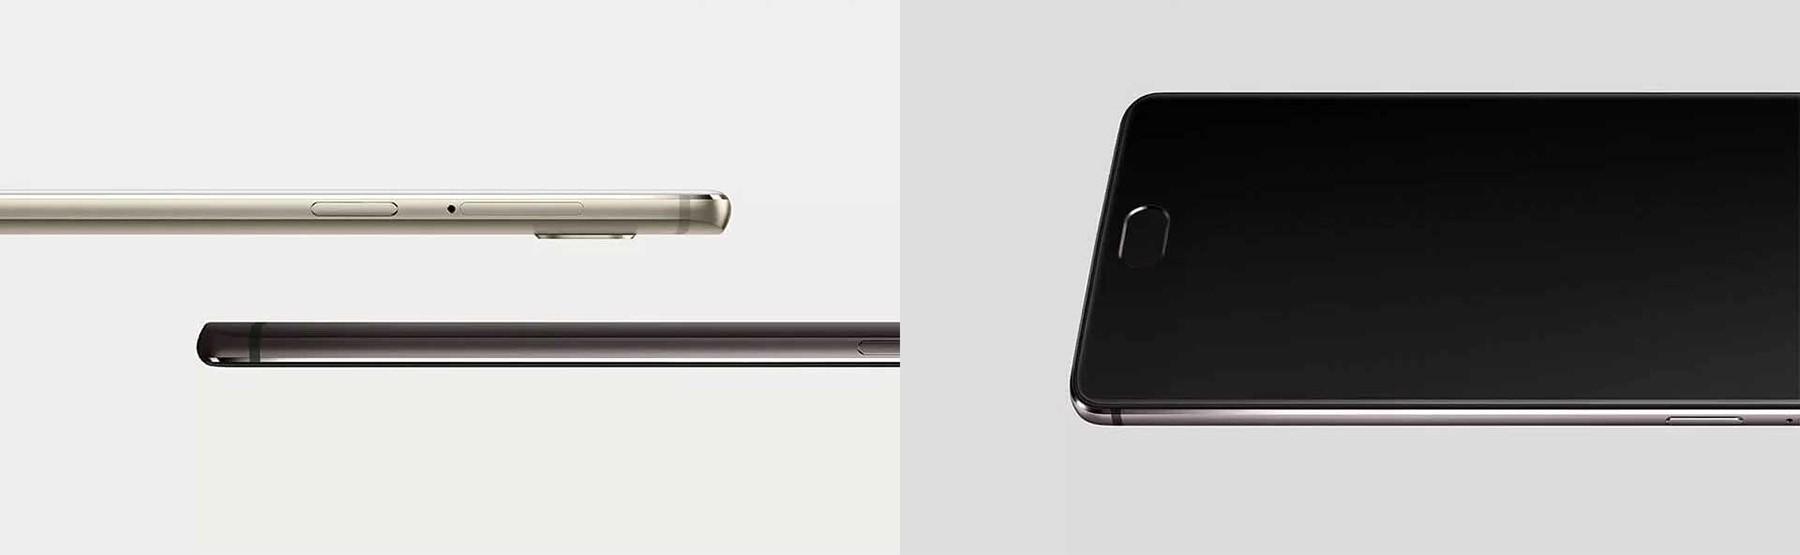 OnePlus 3T 外観